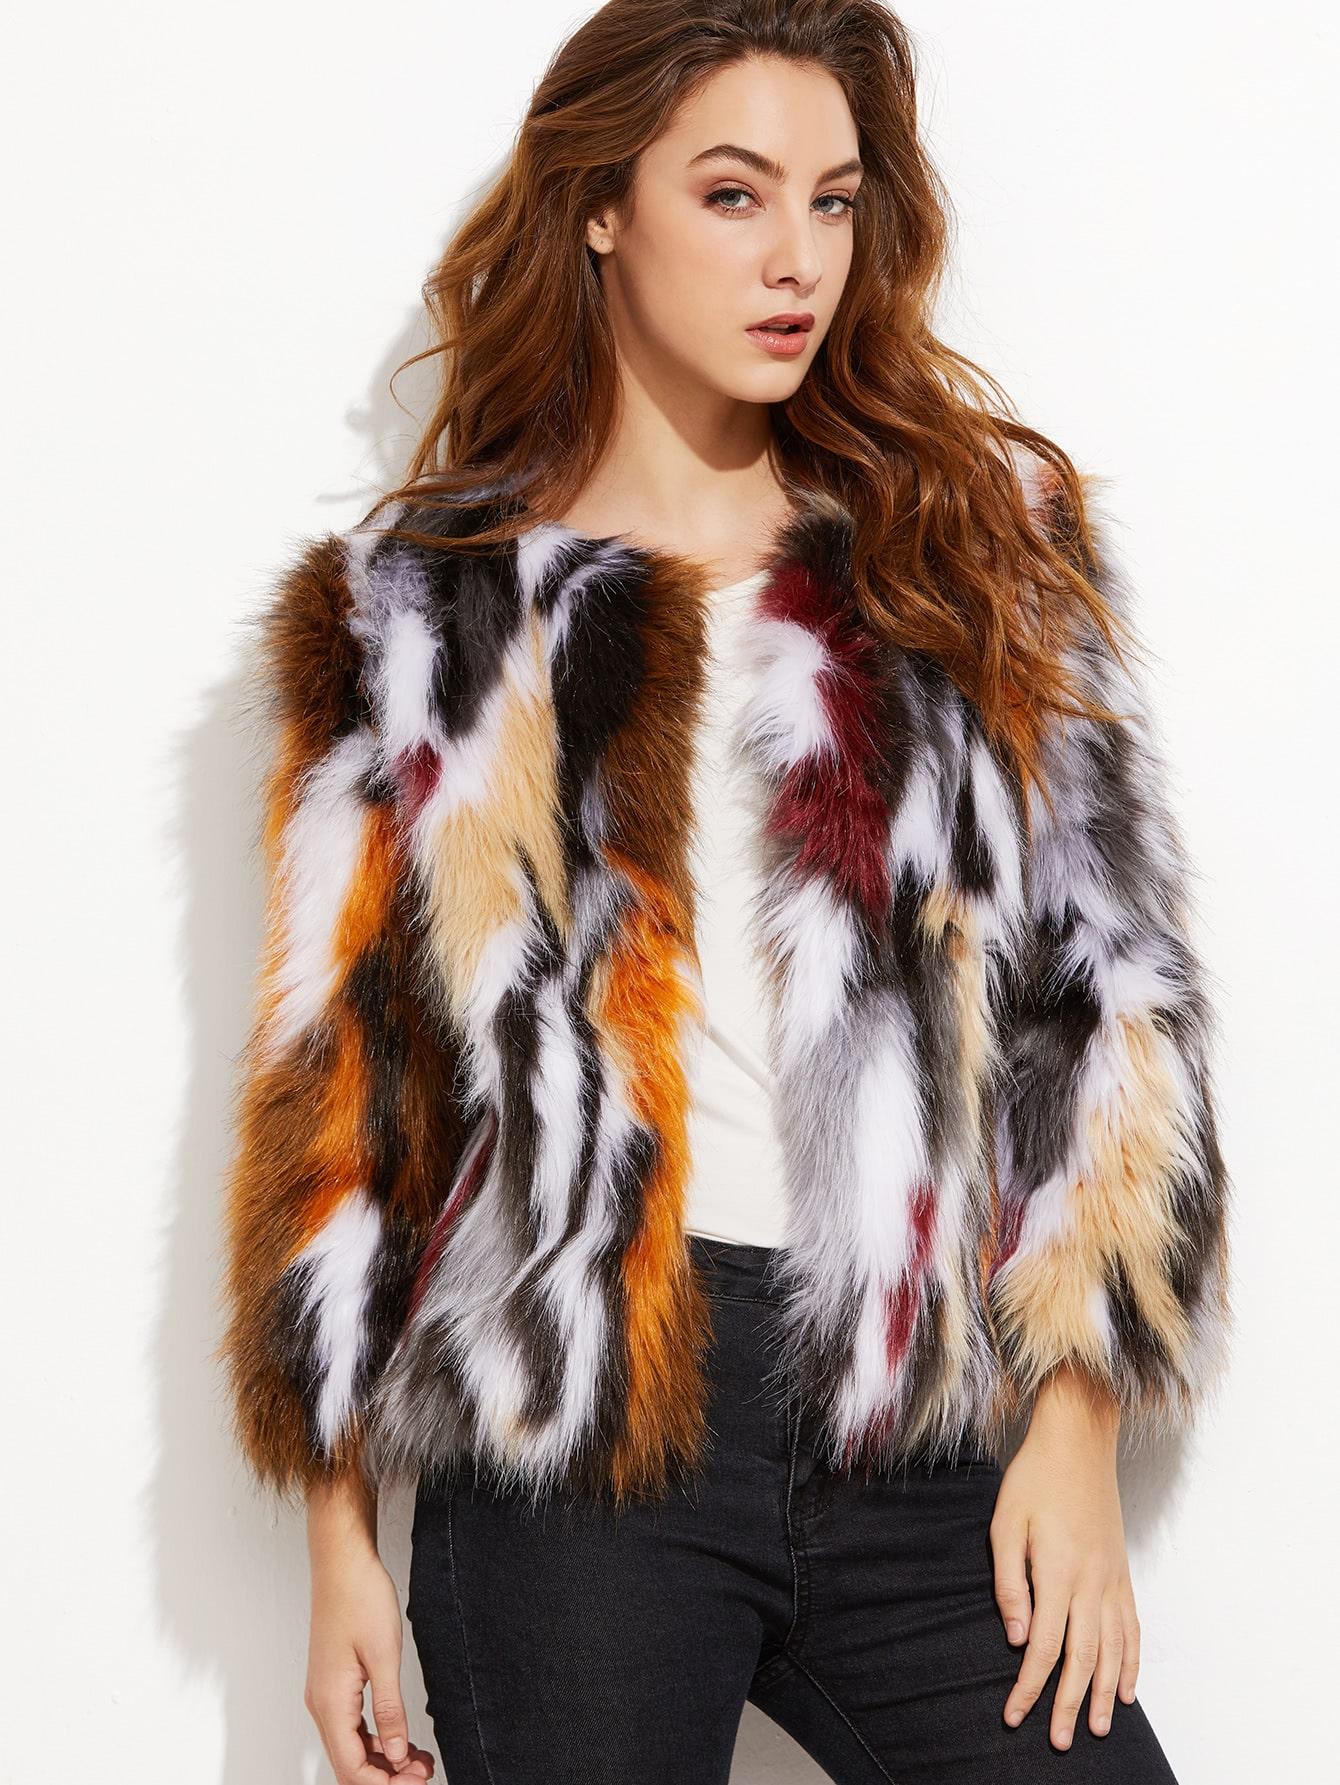 Multicolor Open Front Faux Fur CoatMulticolor Open Front Faux Fur Coat<br><br>color: Multi<br>size: L,M,S,XS